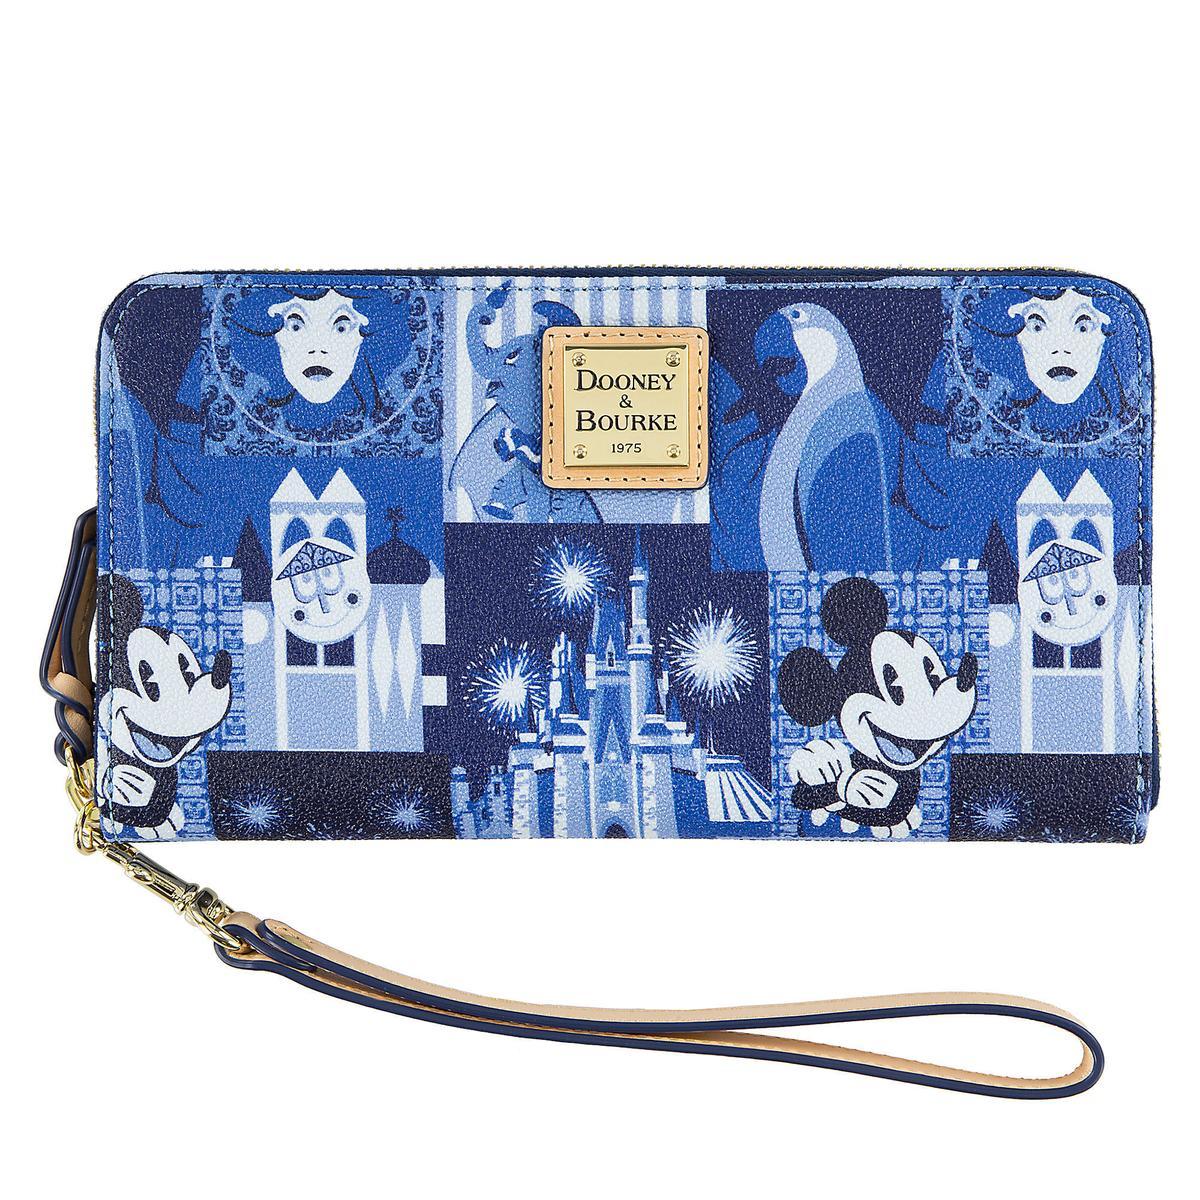 ディズニー 財布 マジックキングダム 45周年記念 クリスマス プレゼント 誕生日 ギフト 贈り物 さいふ